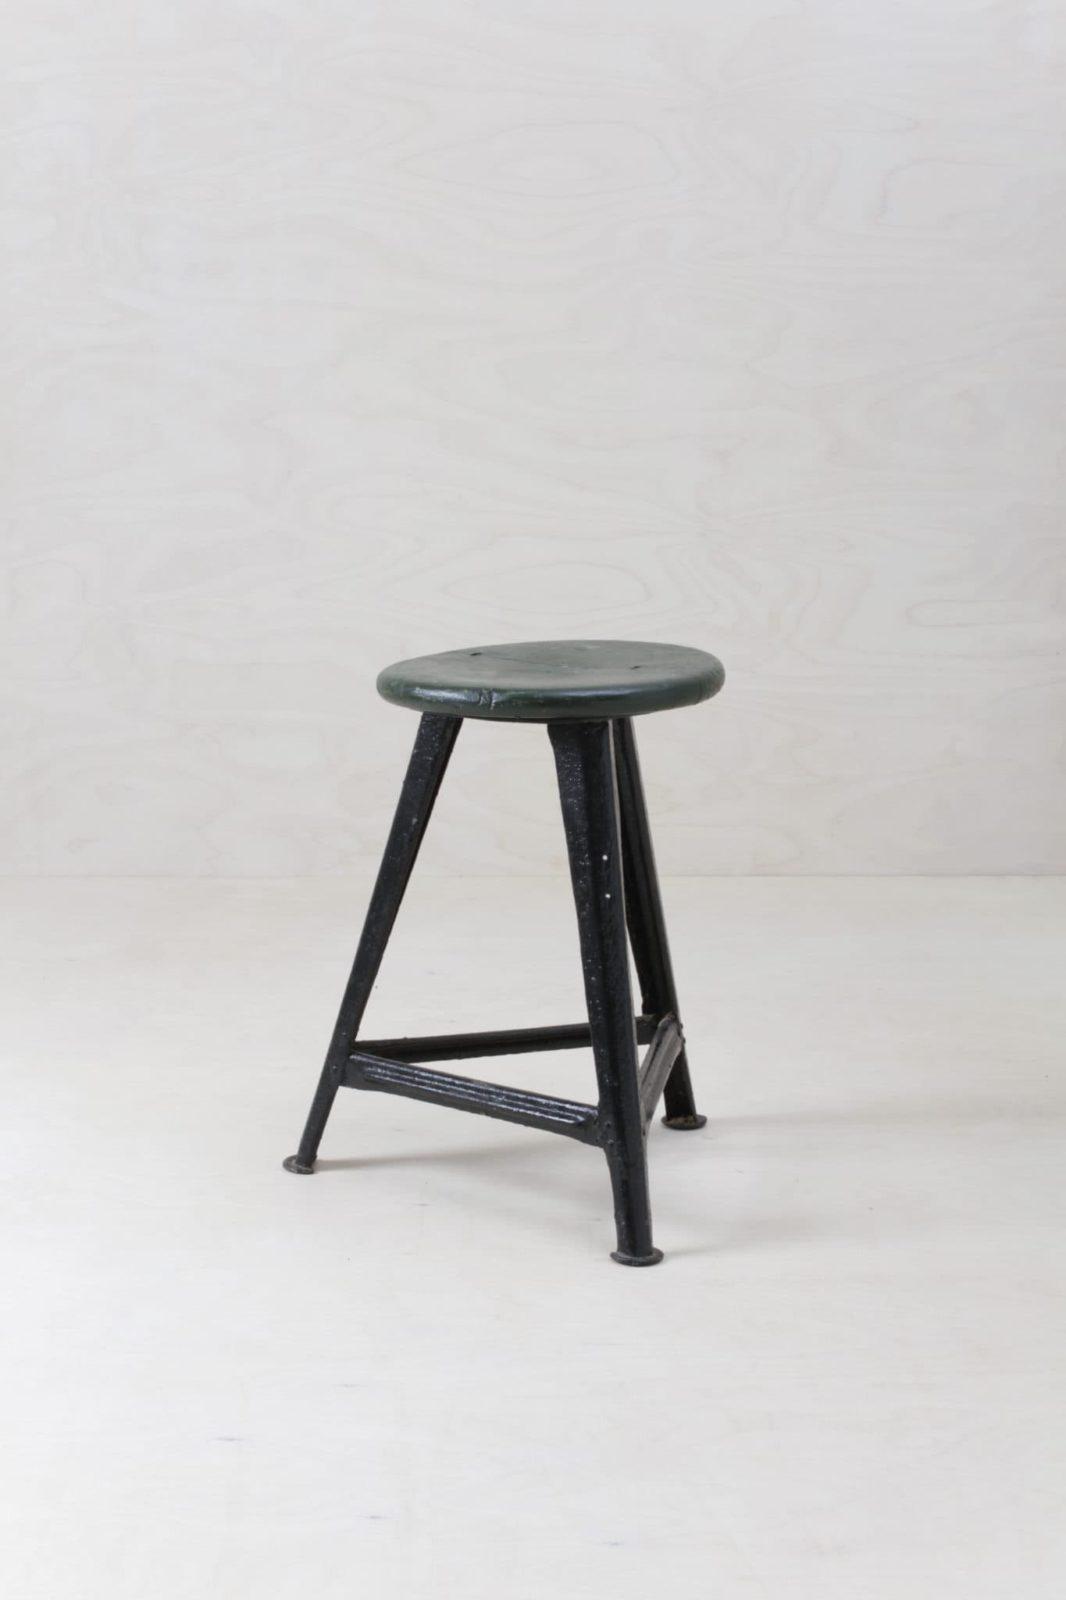 Hocker Vito Vintage Rowac | Original Rowac Hocker für den beliebten Industrial Look. | gotvintage Rental & Event Design